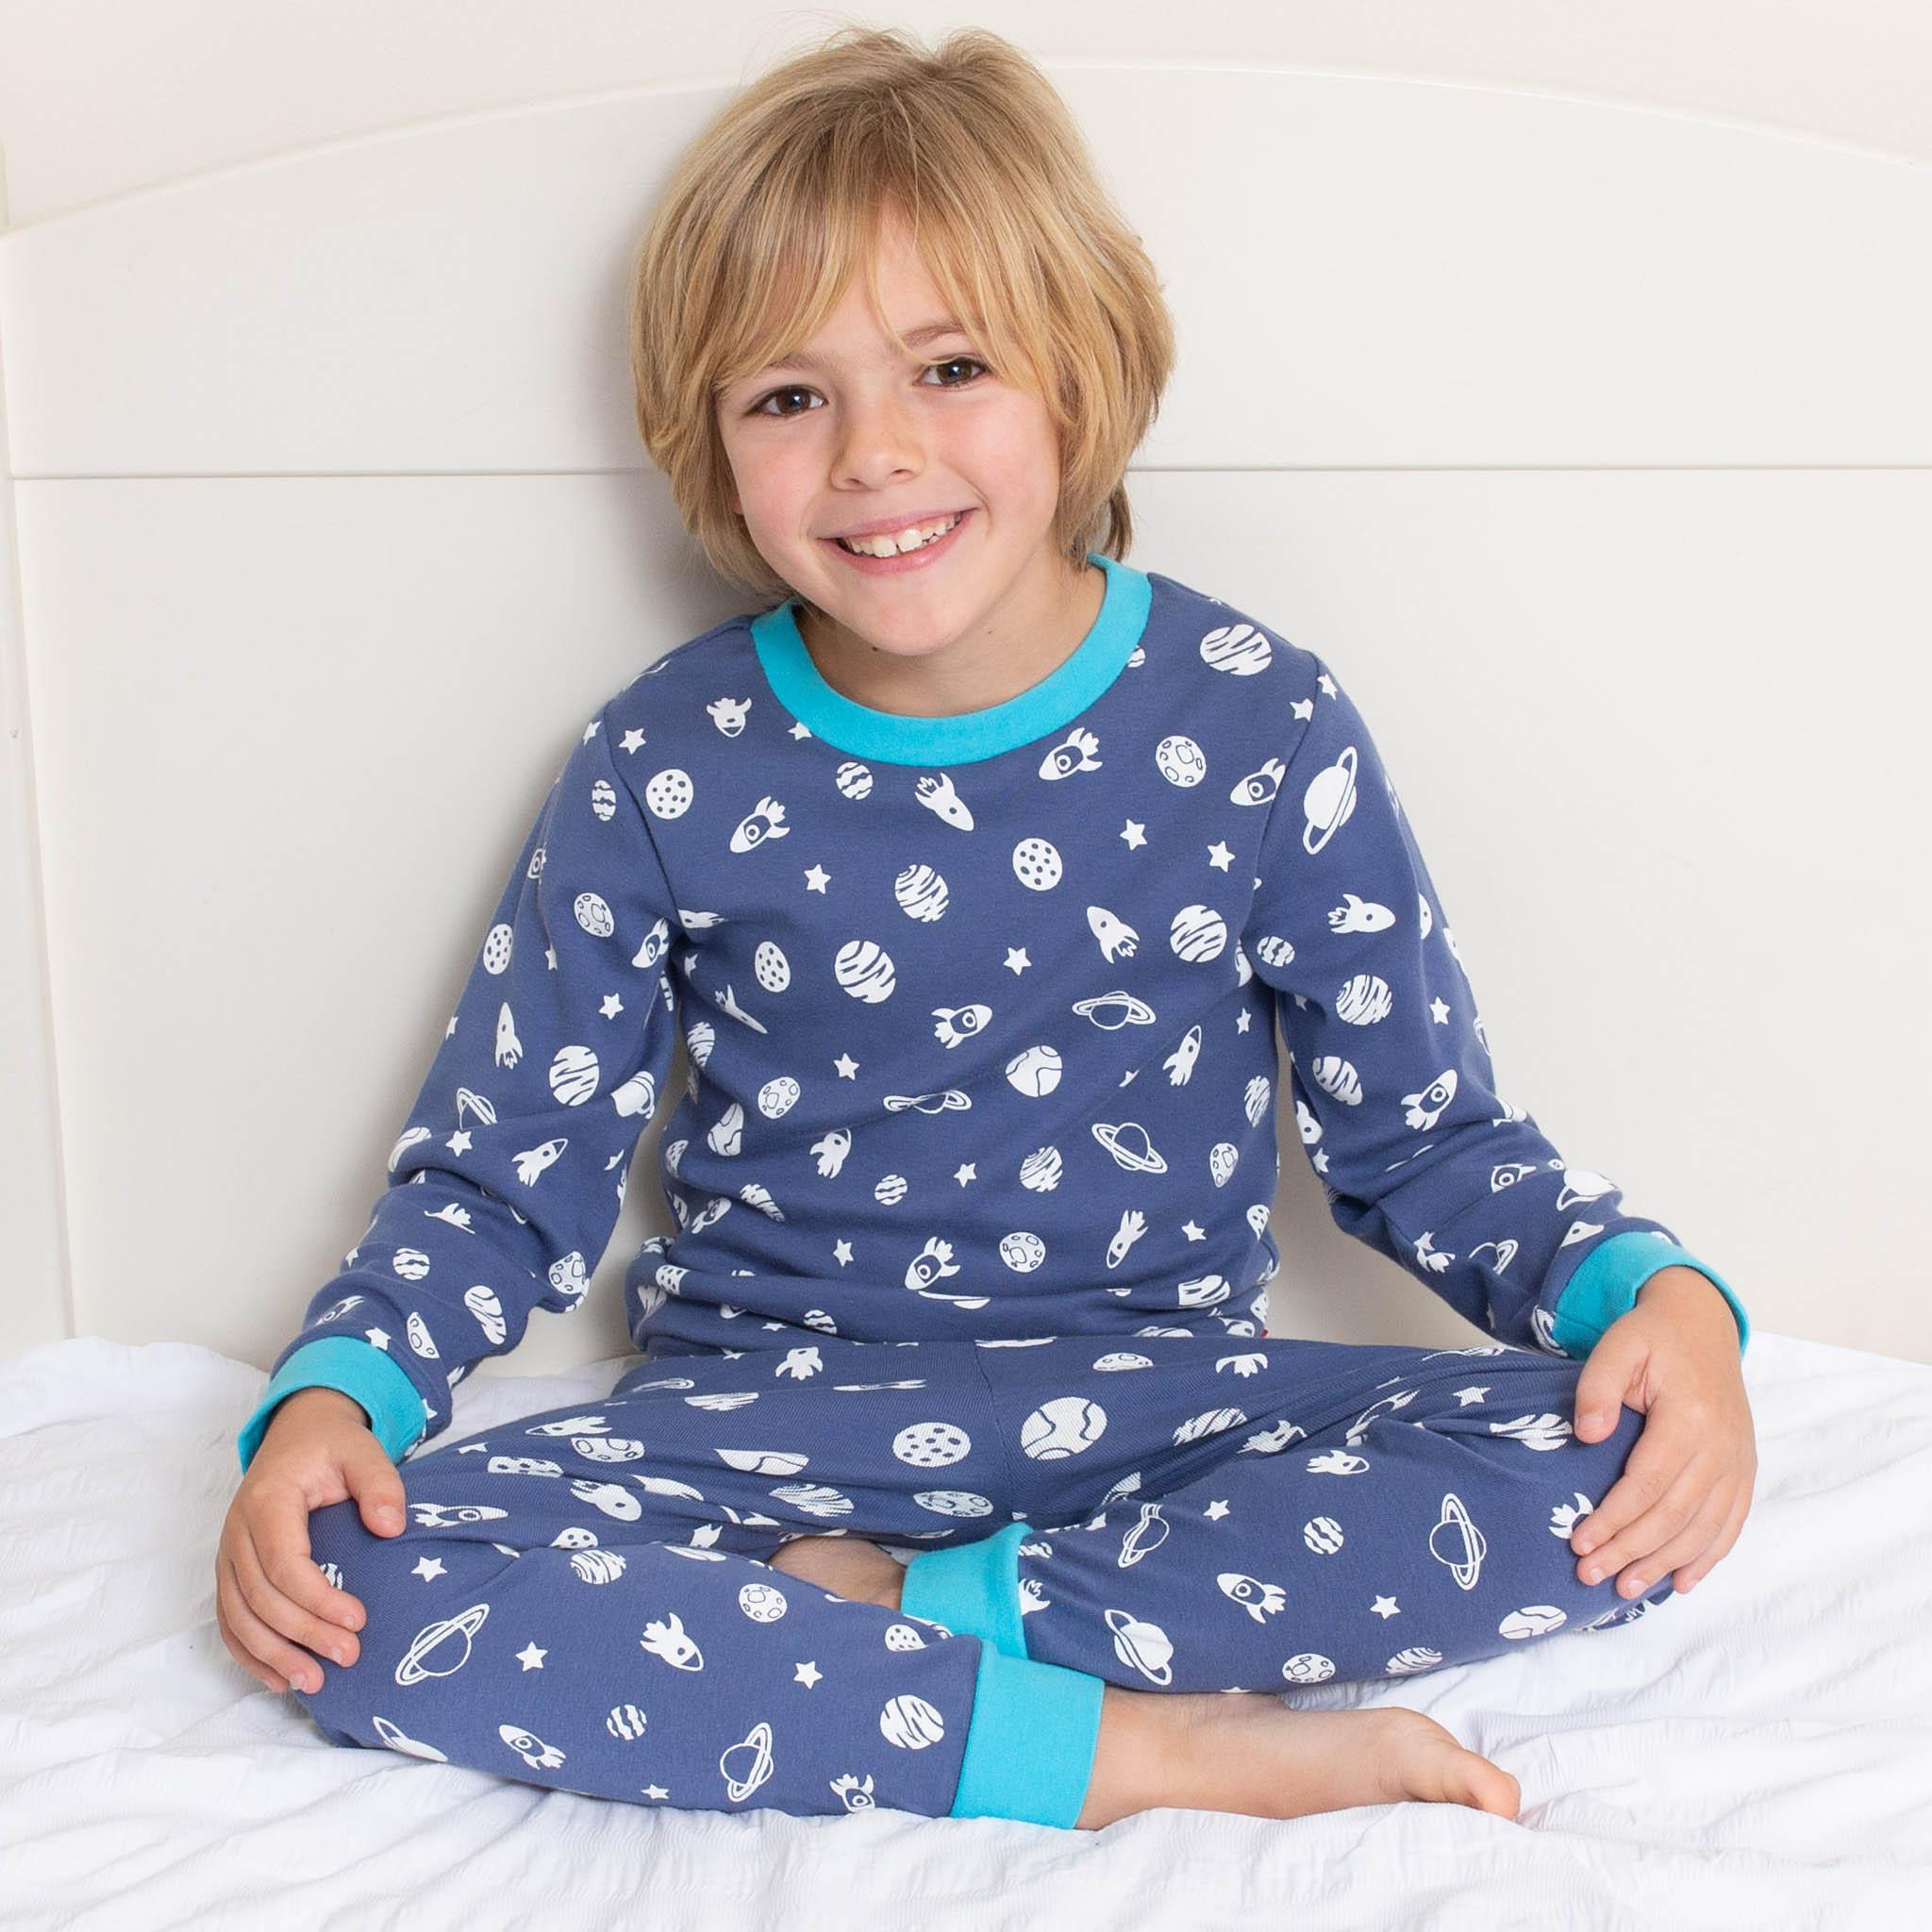 SALE £23.20 Kite Space Time Pyjamas (was £29.00)